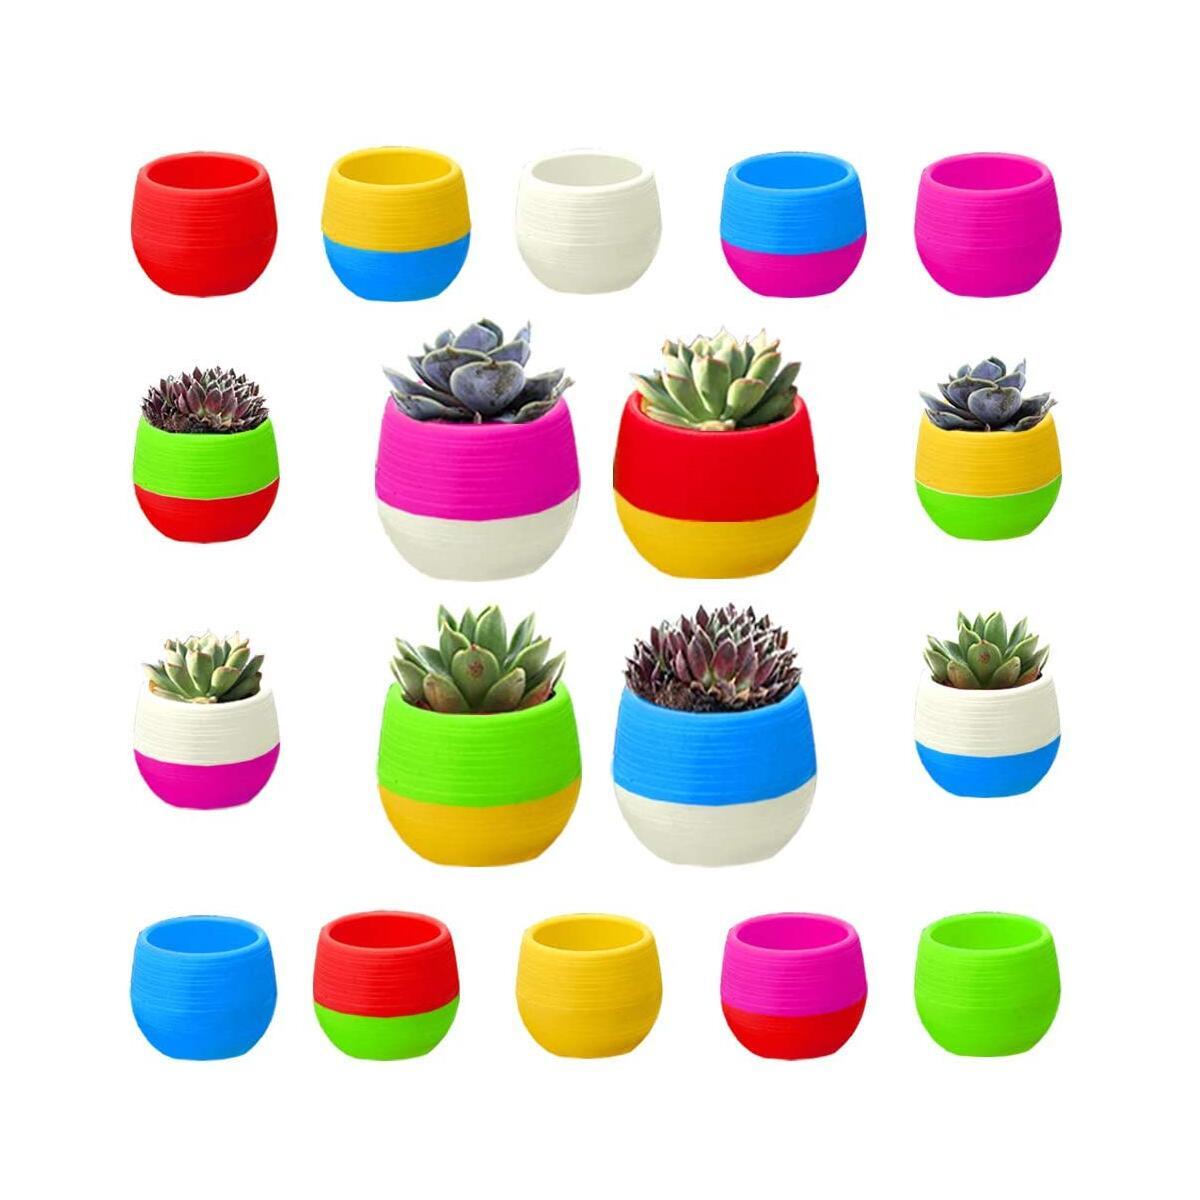 Succulent Pots 2.75 Inch 18 Pack Succulent Pots with Drainage, mini Cute Succulent Pots